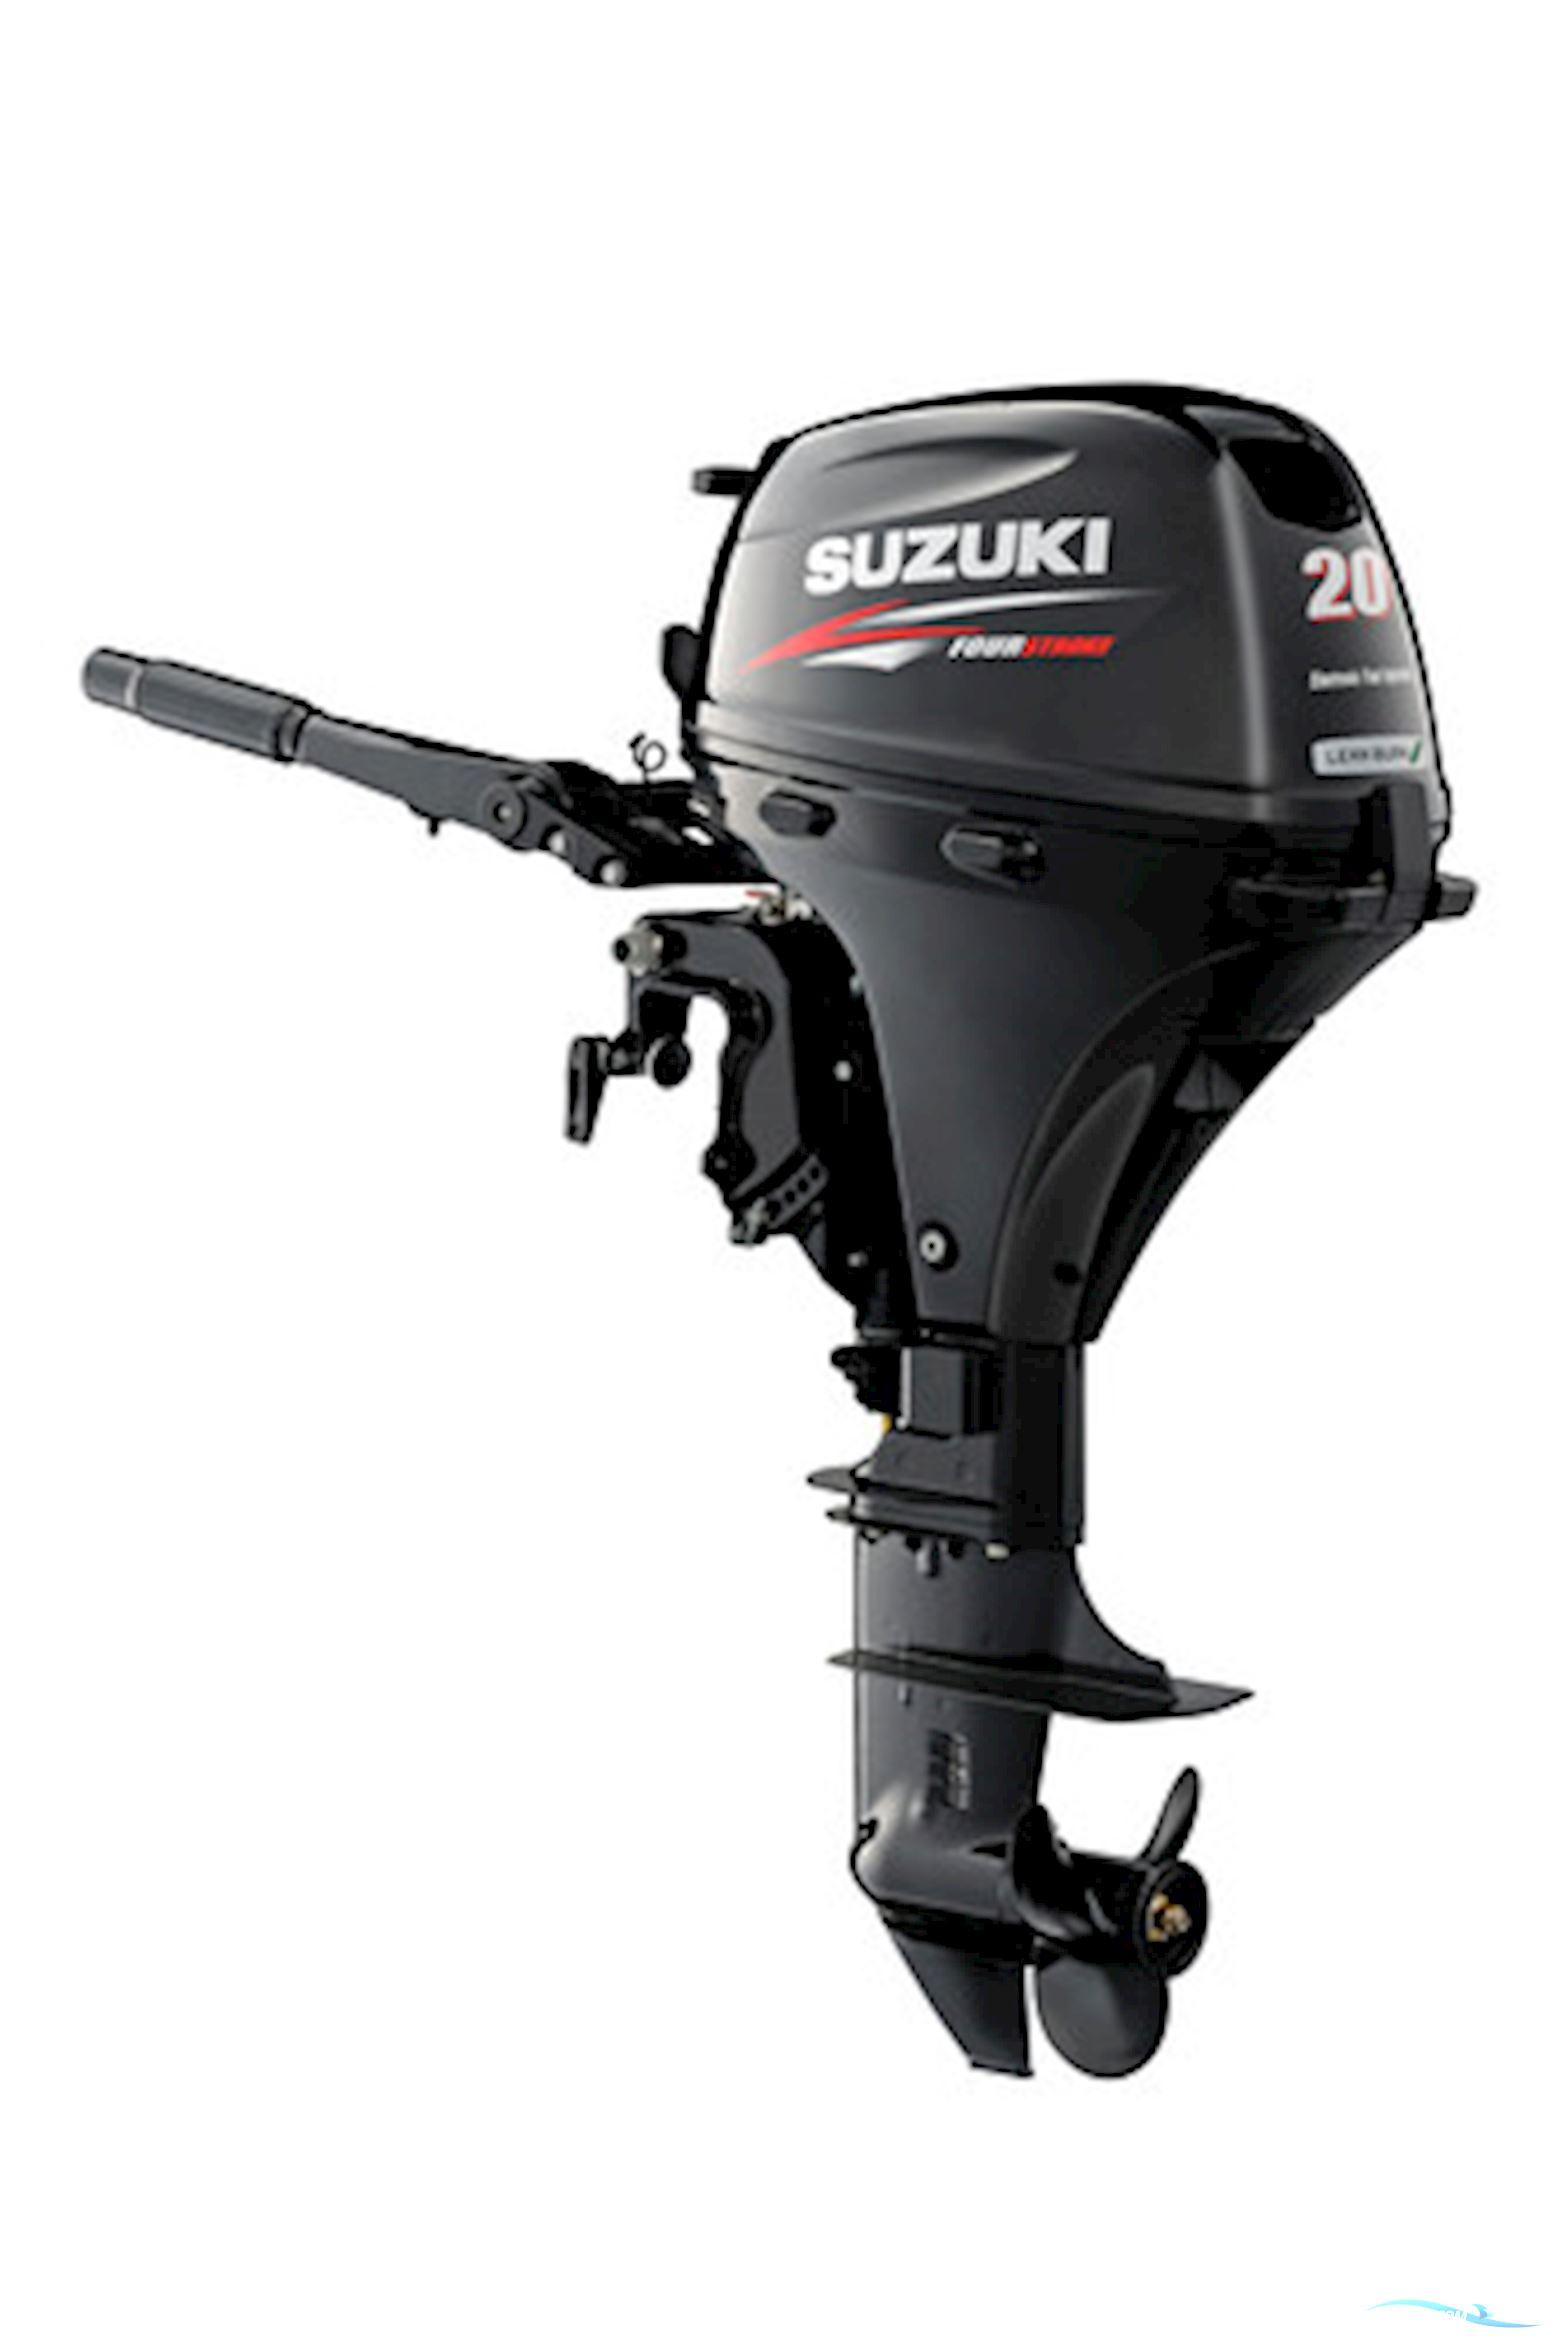 Suzuki DF20AS